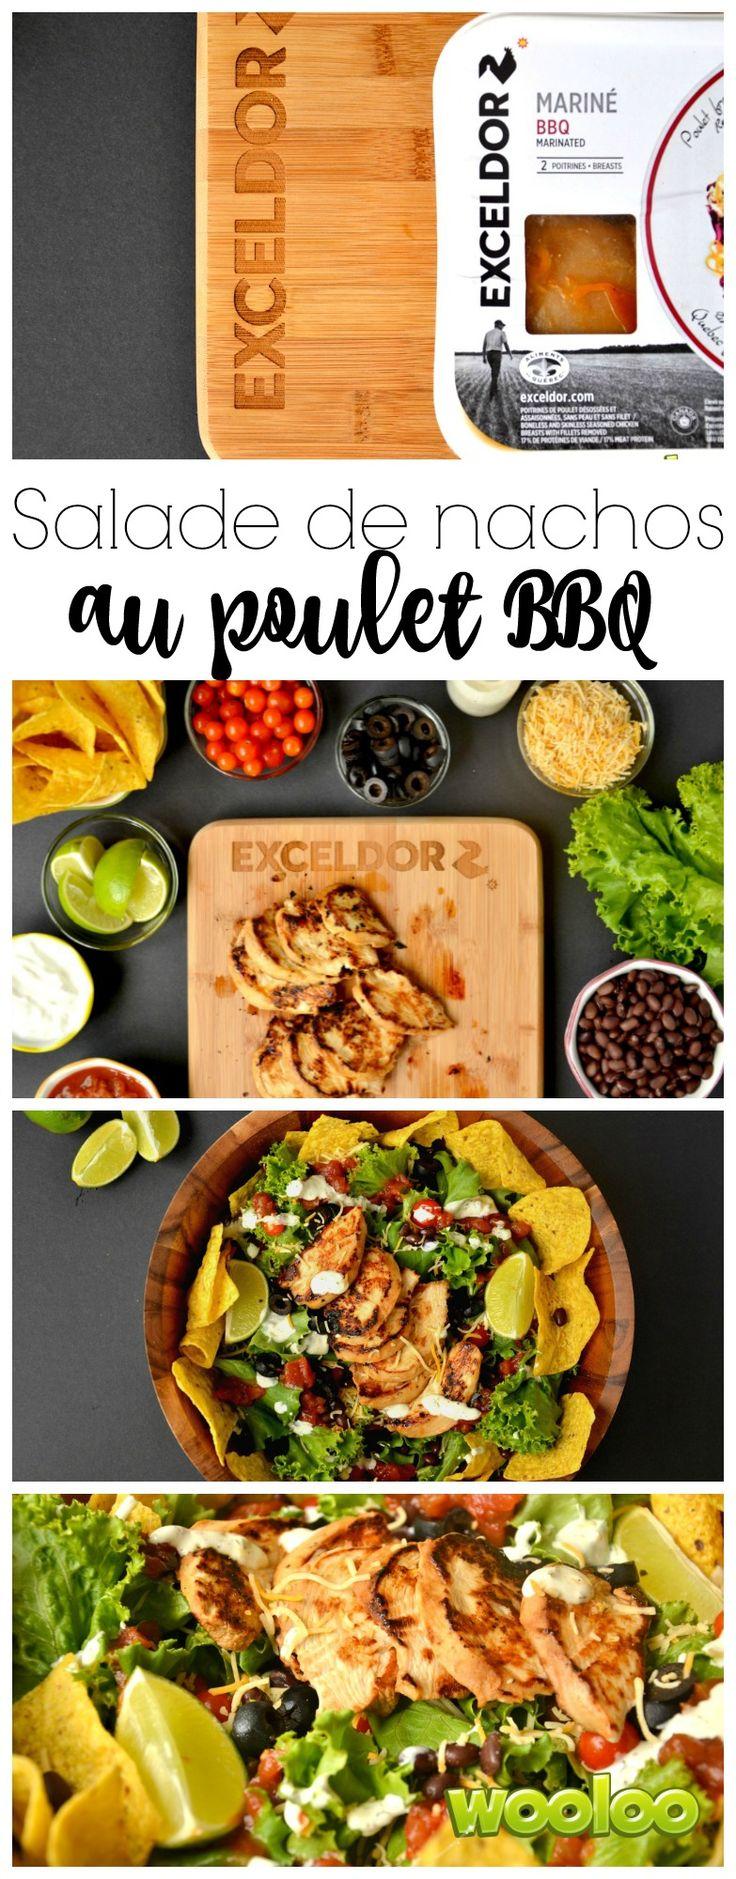 Cette salade de nachos au poulet BBQ est goûteuse,  croquante et super santé. Une recette passe-partout pour recevoir à l'improviste ou pour apporter lors de votre prochain potluck.  Ajoutez-y une délicieuse poitrine de poulet mariné Exceldor pour obtenir un repas sur le pouce rapide à préparer et  vraiment délicieux!